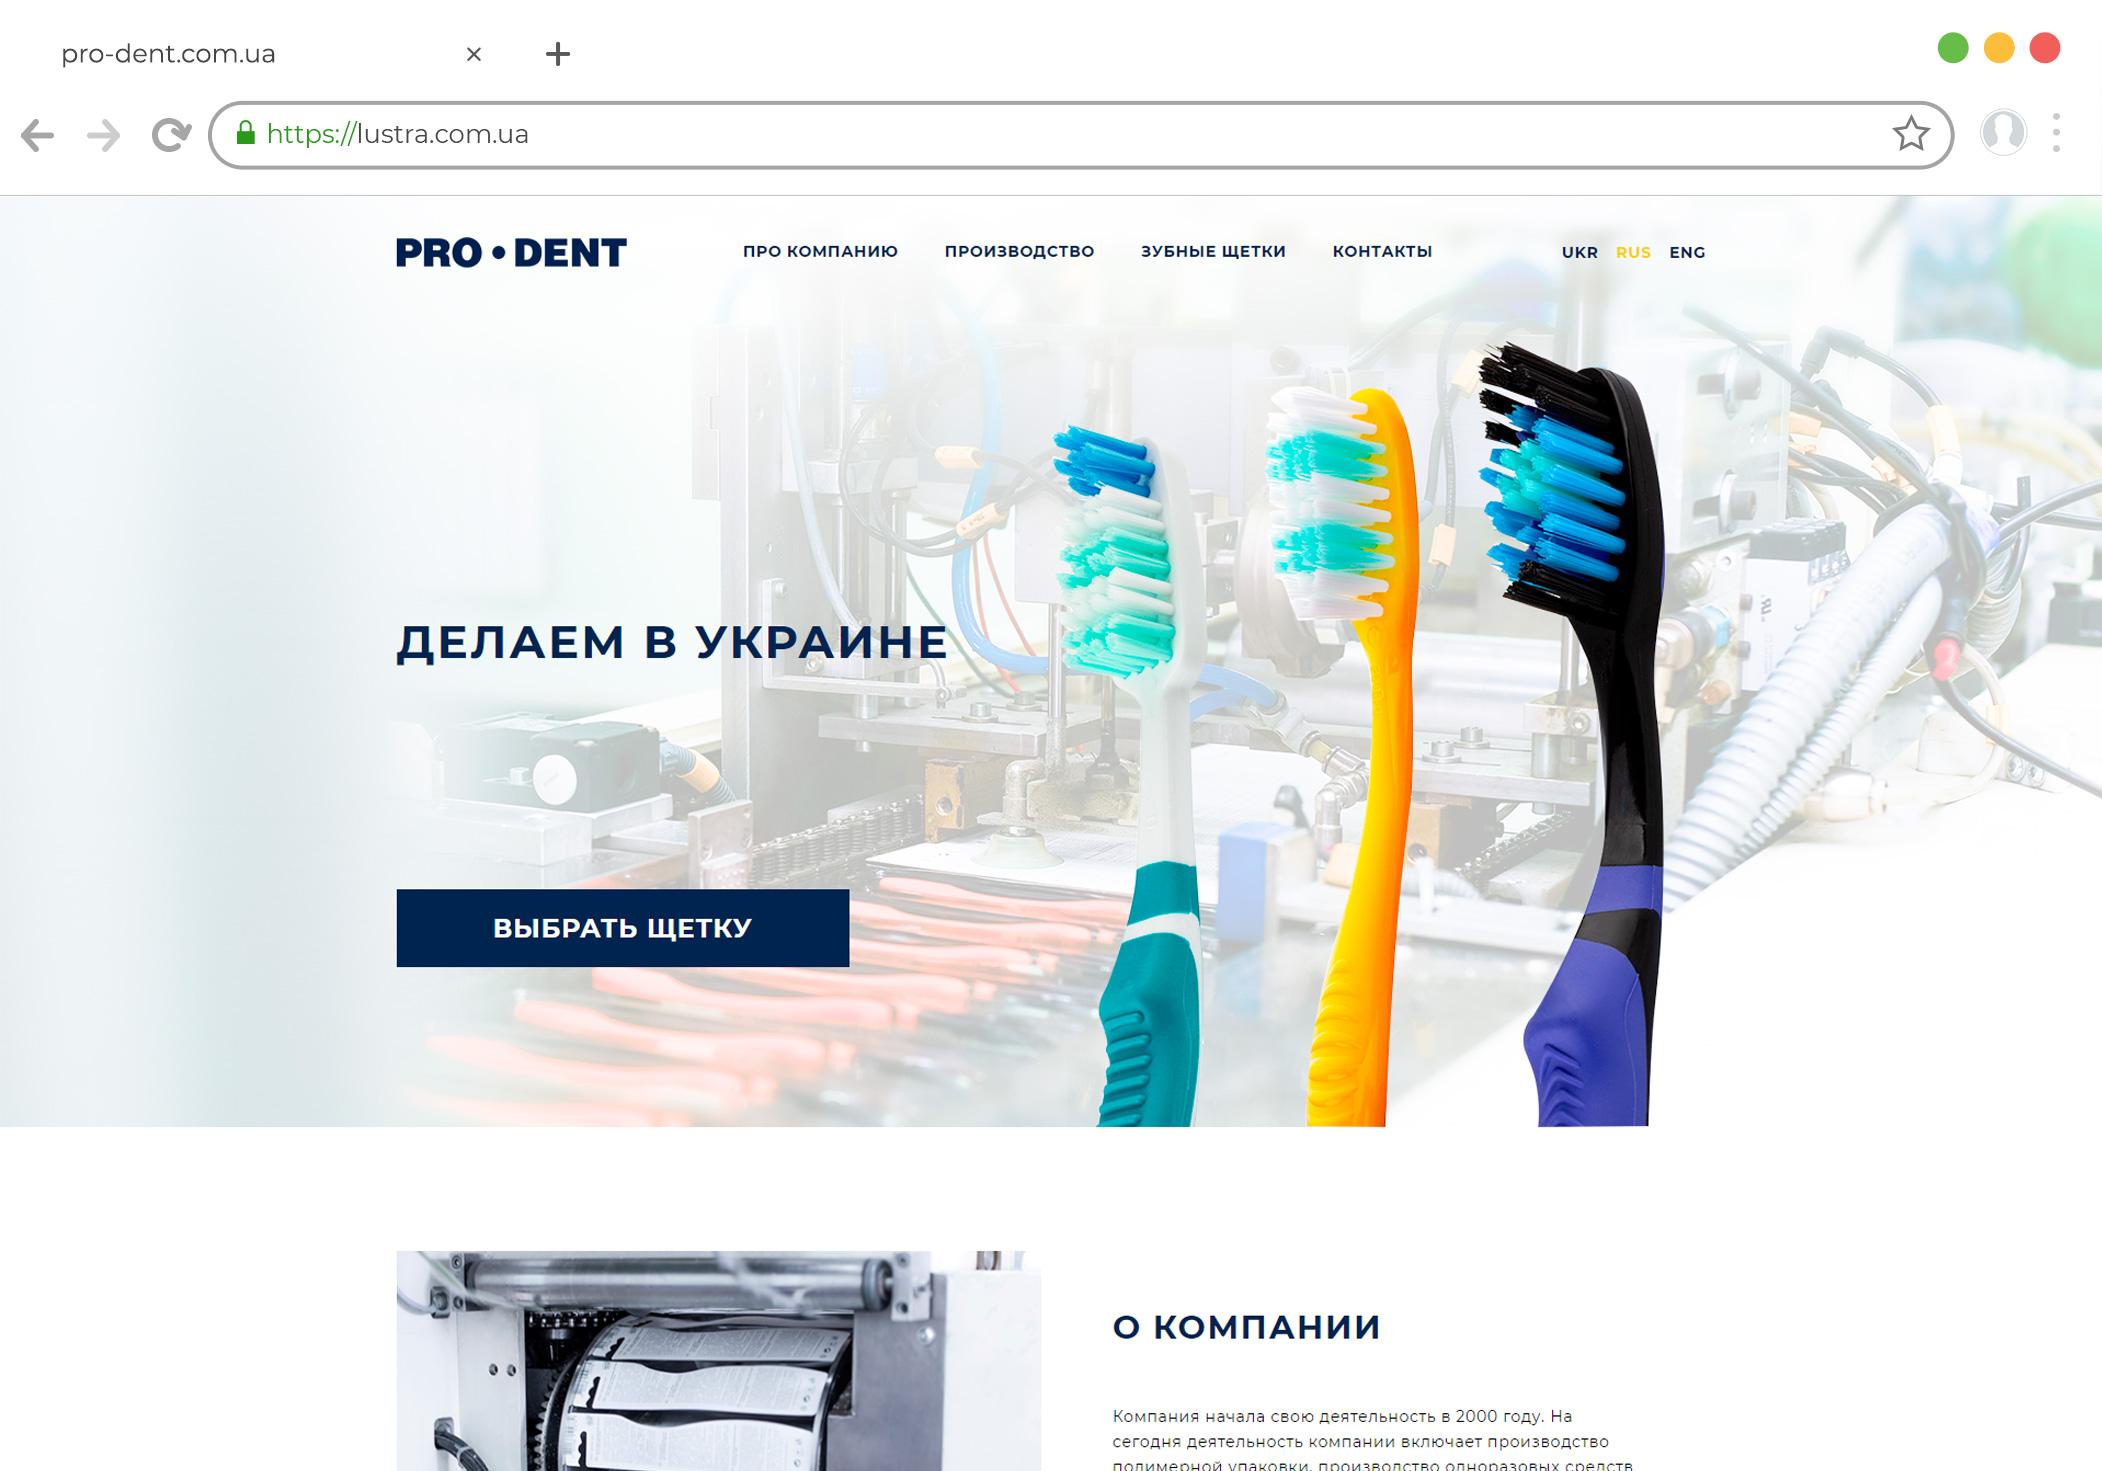 Создание сайта по производству зубных щёток в Украине | Веб Студия БАСТ